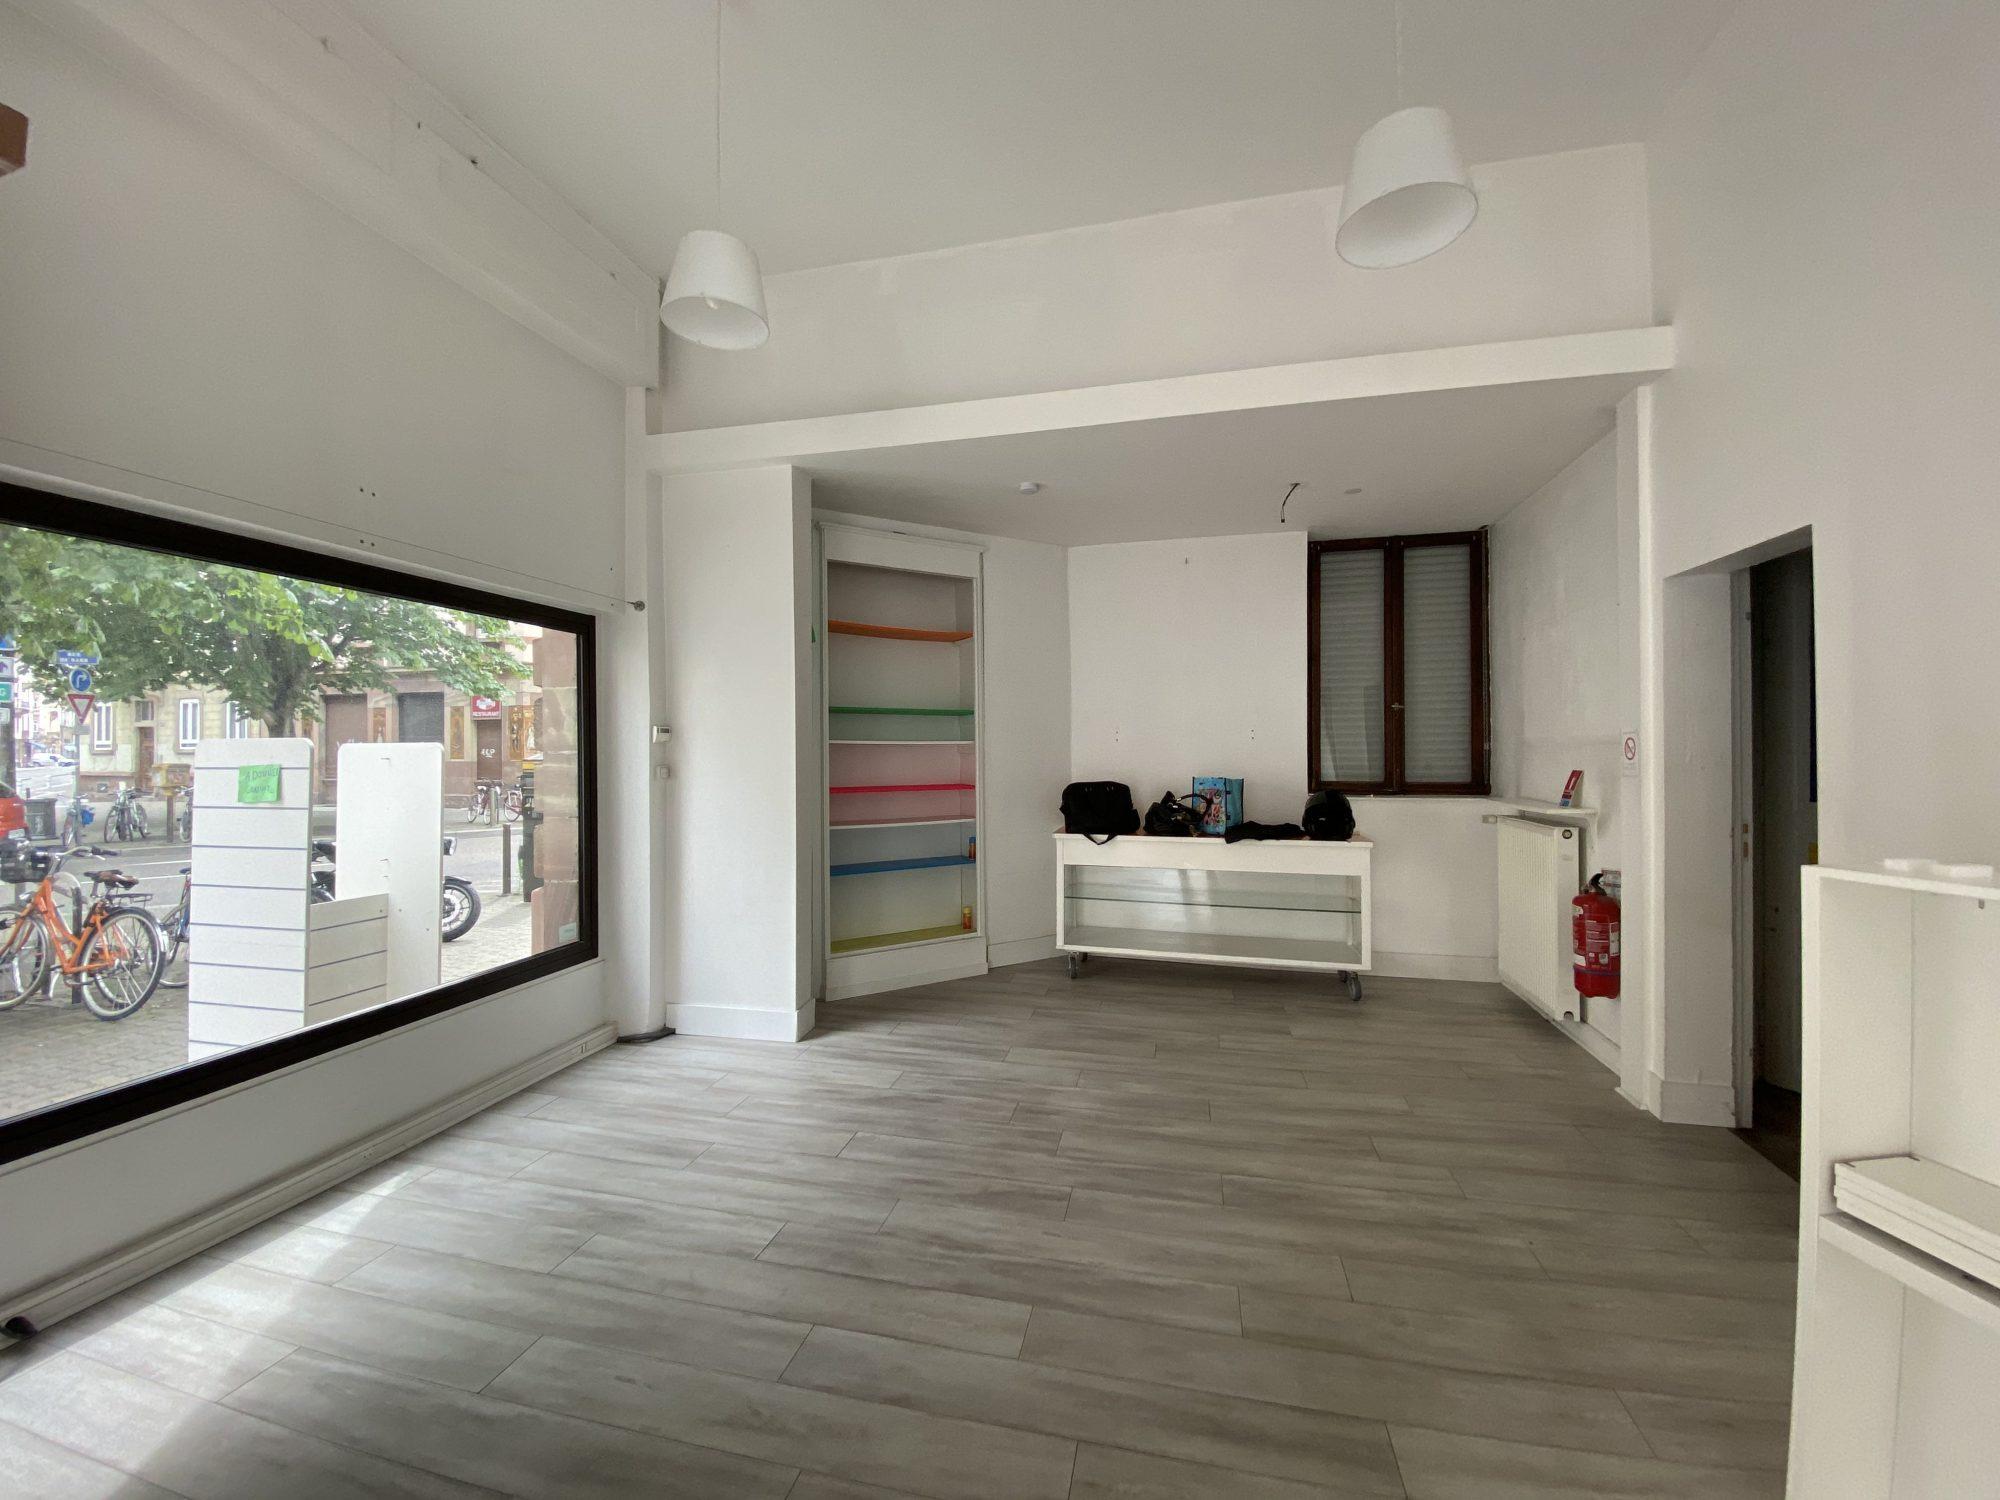 LOCAL COMMERCIAL A LOUER MUSEE D'ART MODERNE - Devenez locataire en toute sérénité - Bintz Immobilier - 7